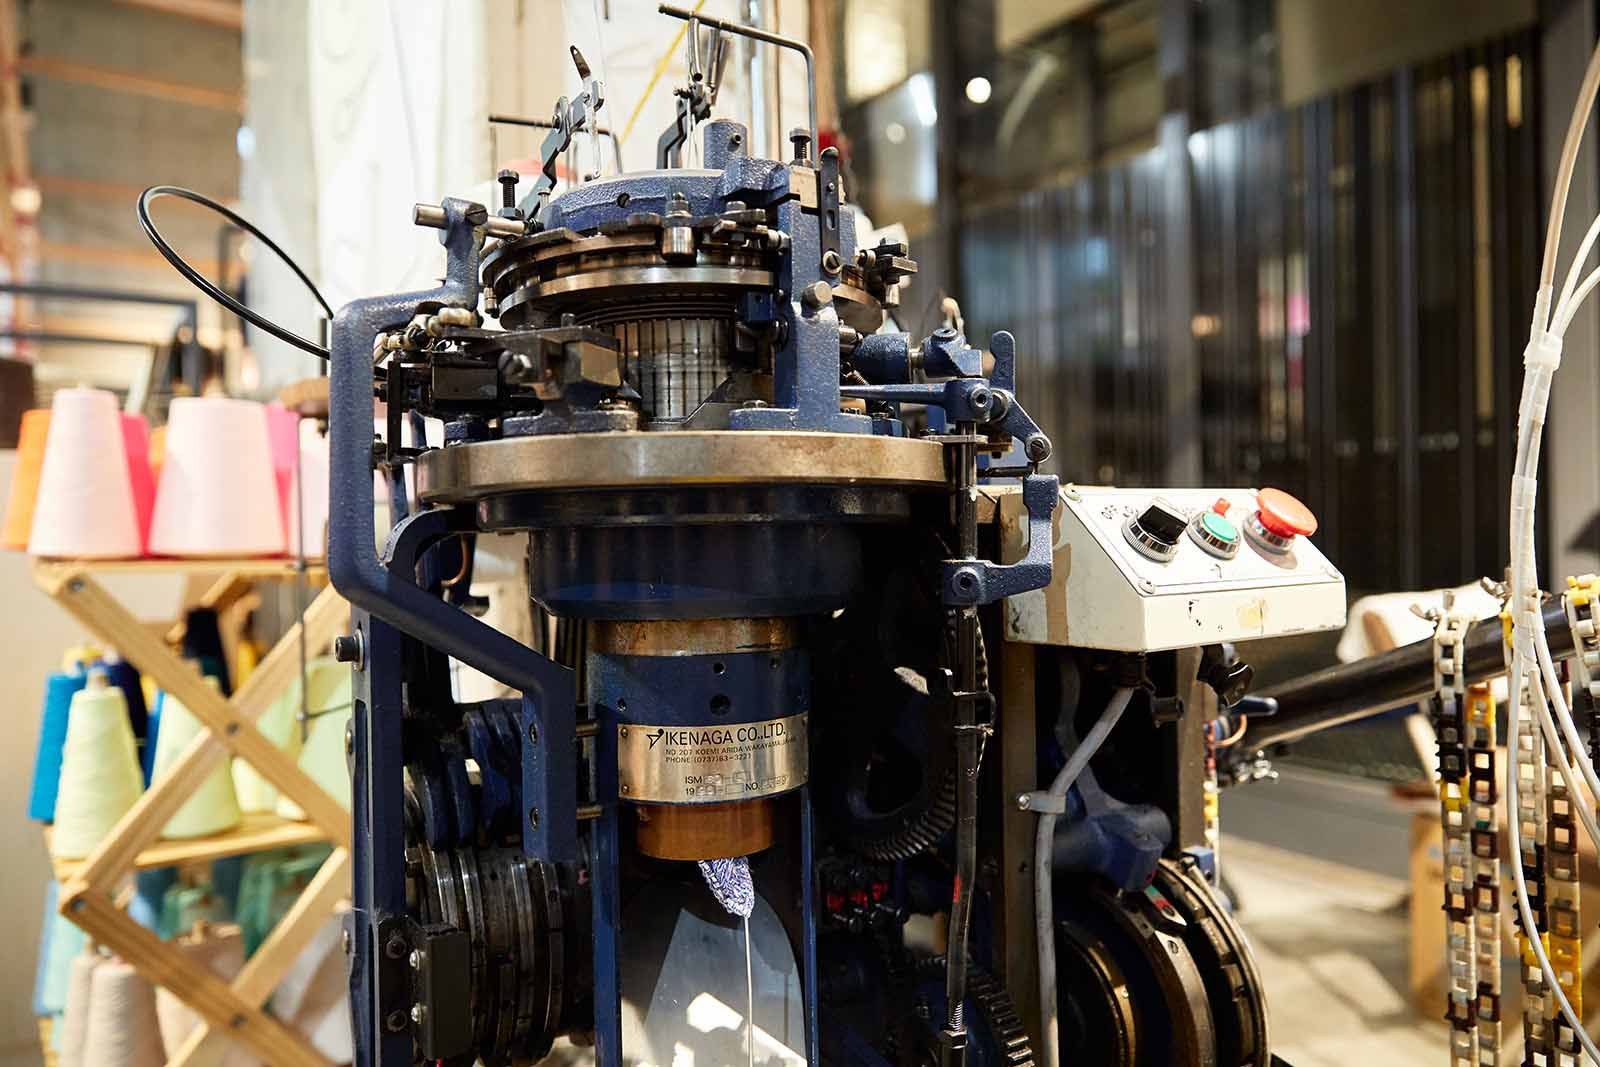 どうやら、こちらの機械が織り機。編まれた靴下が少し顔を出しています